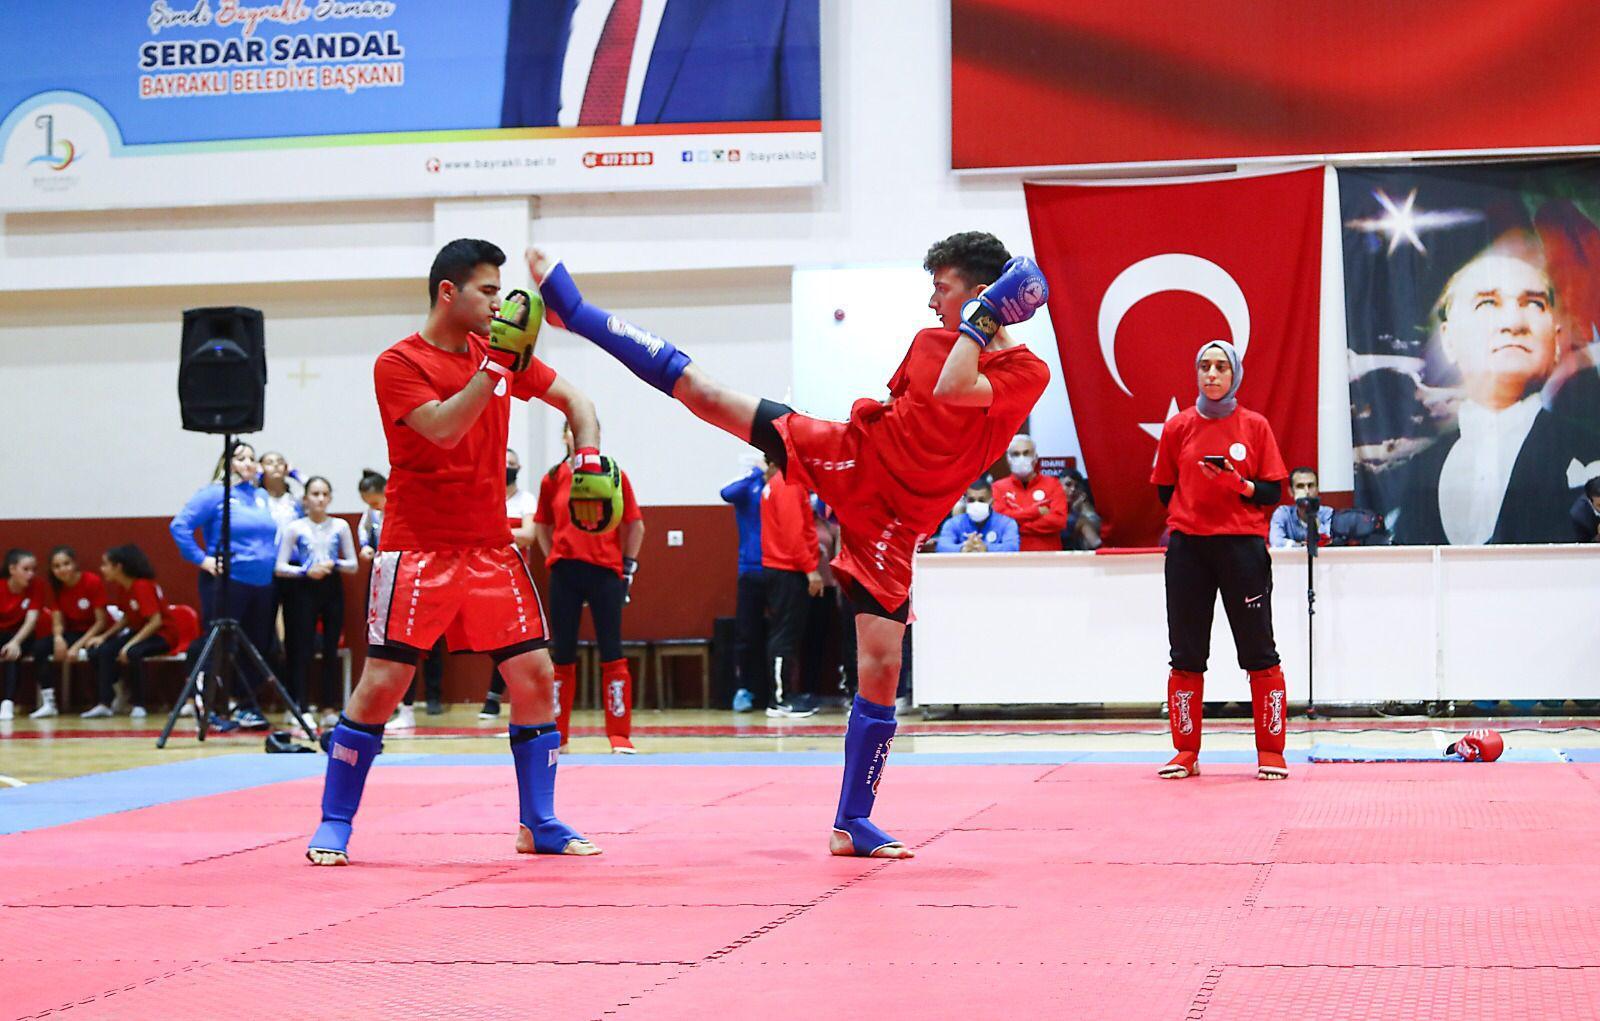 Bayraklı'da spor okulları coşkuyla açıldı-yenigun gazete